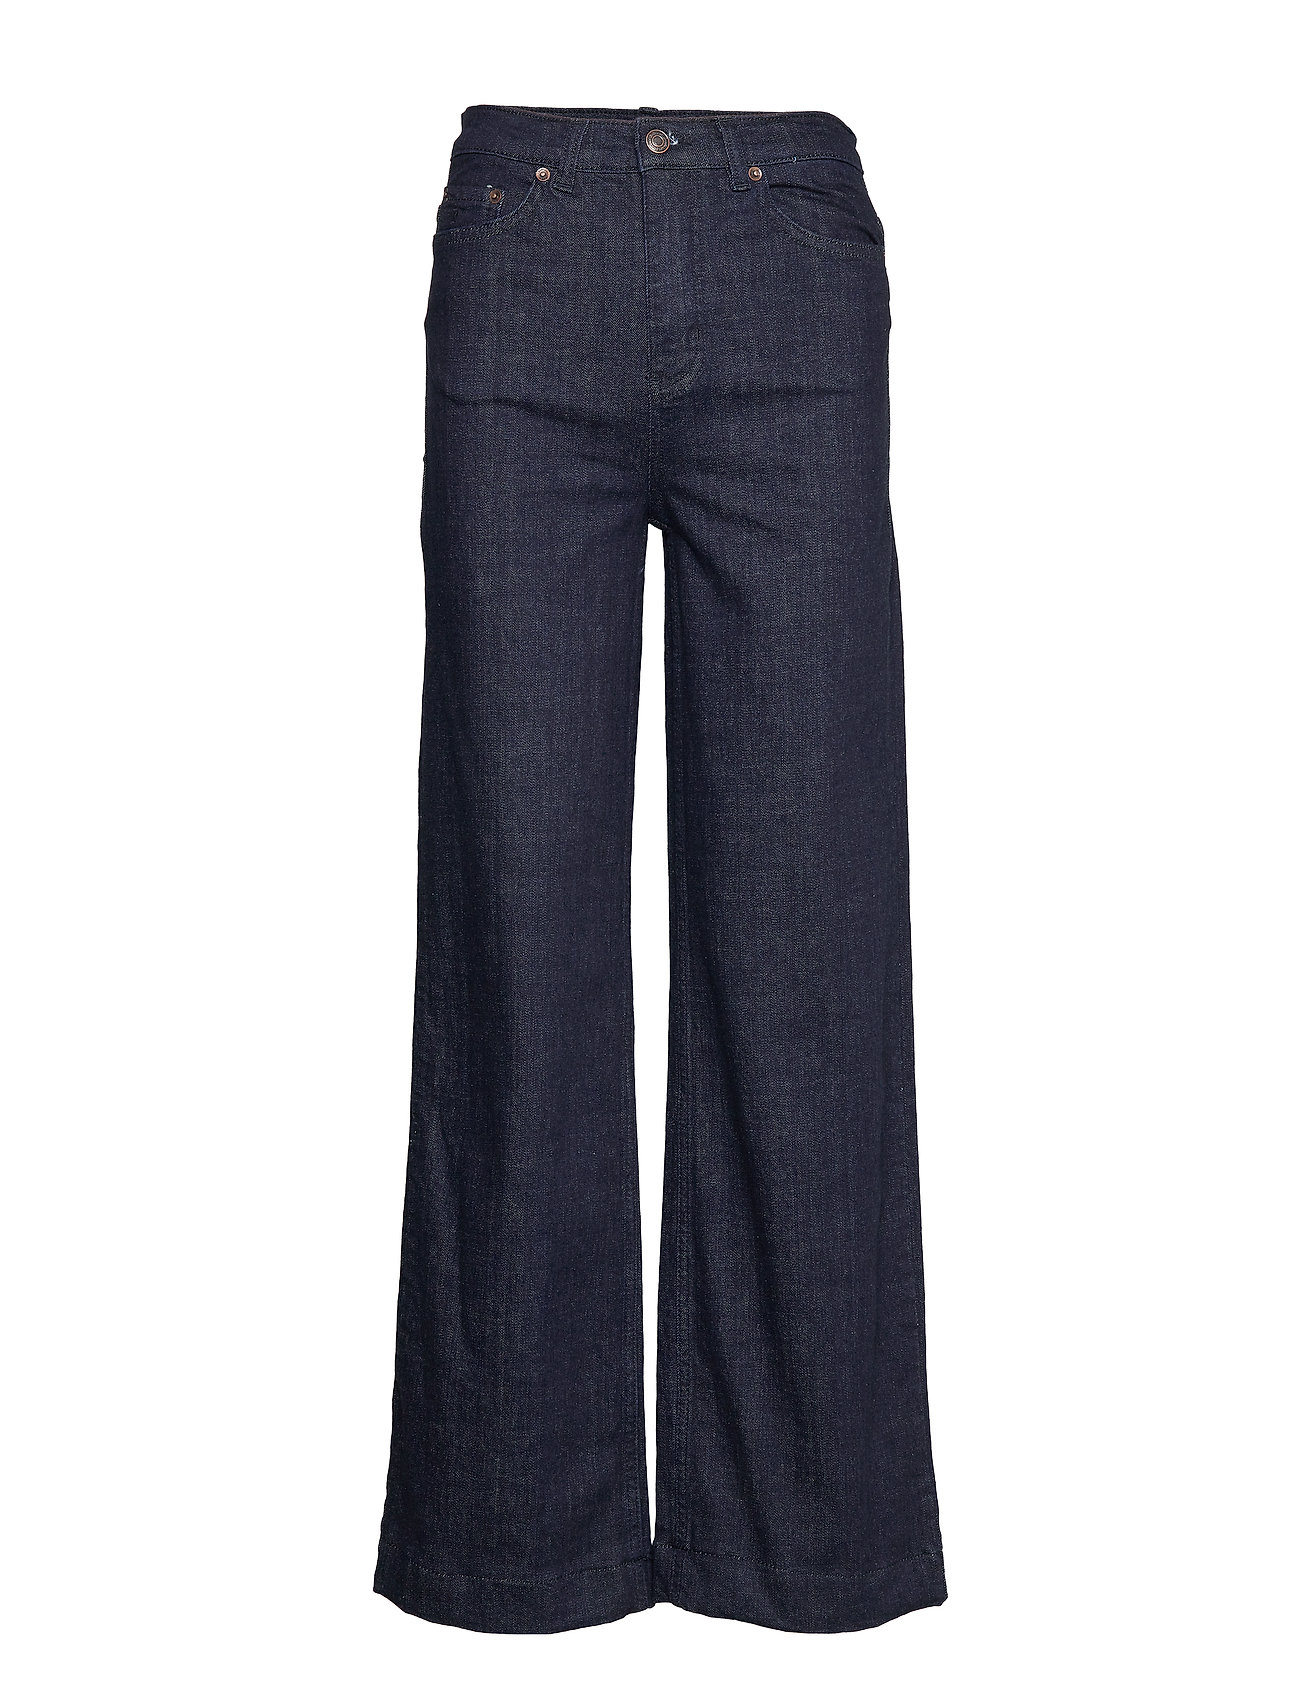 InWear EmoneIW Wide Jeans - RINSEWASH